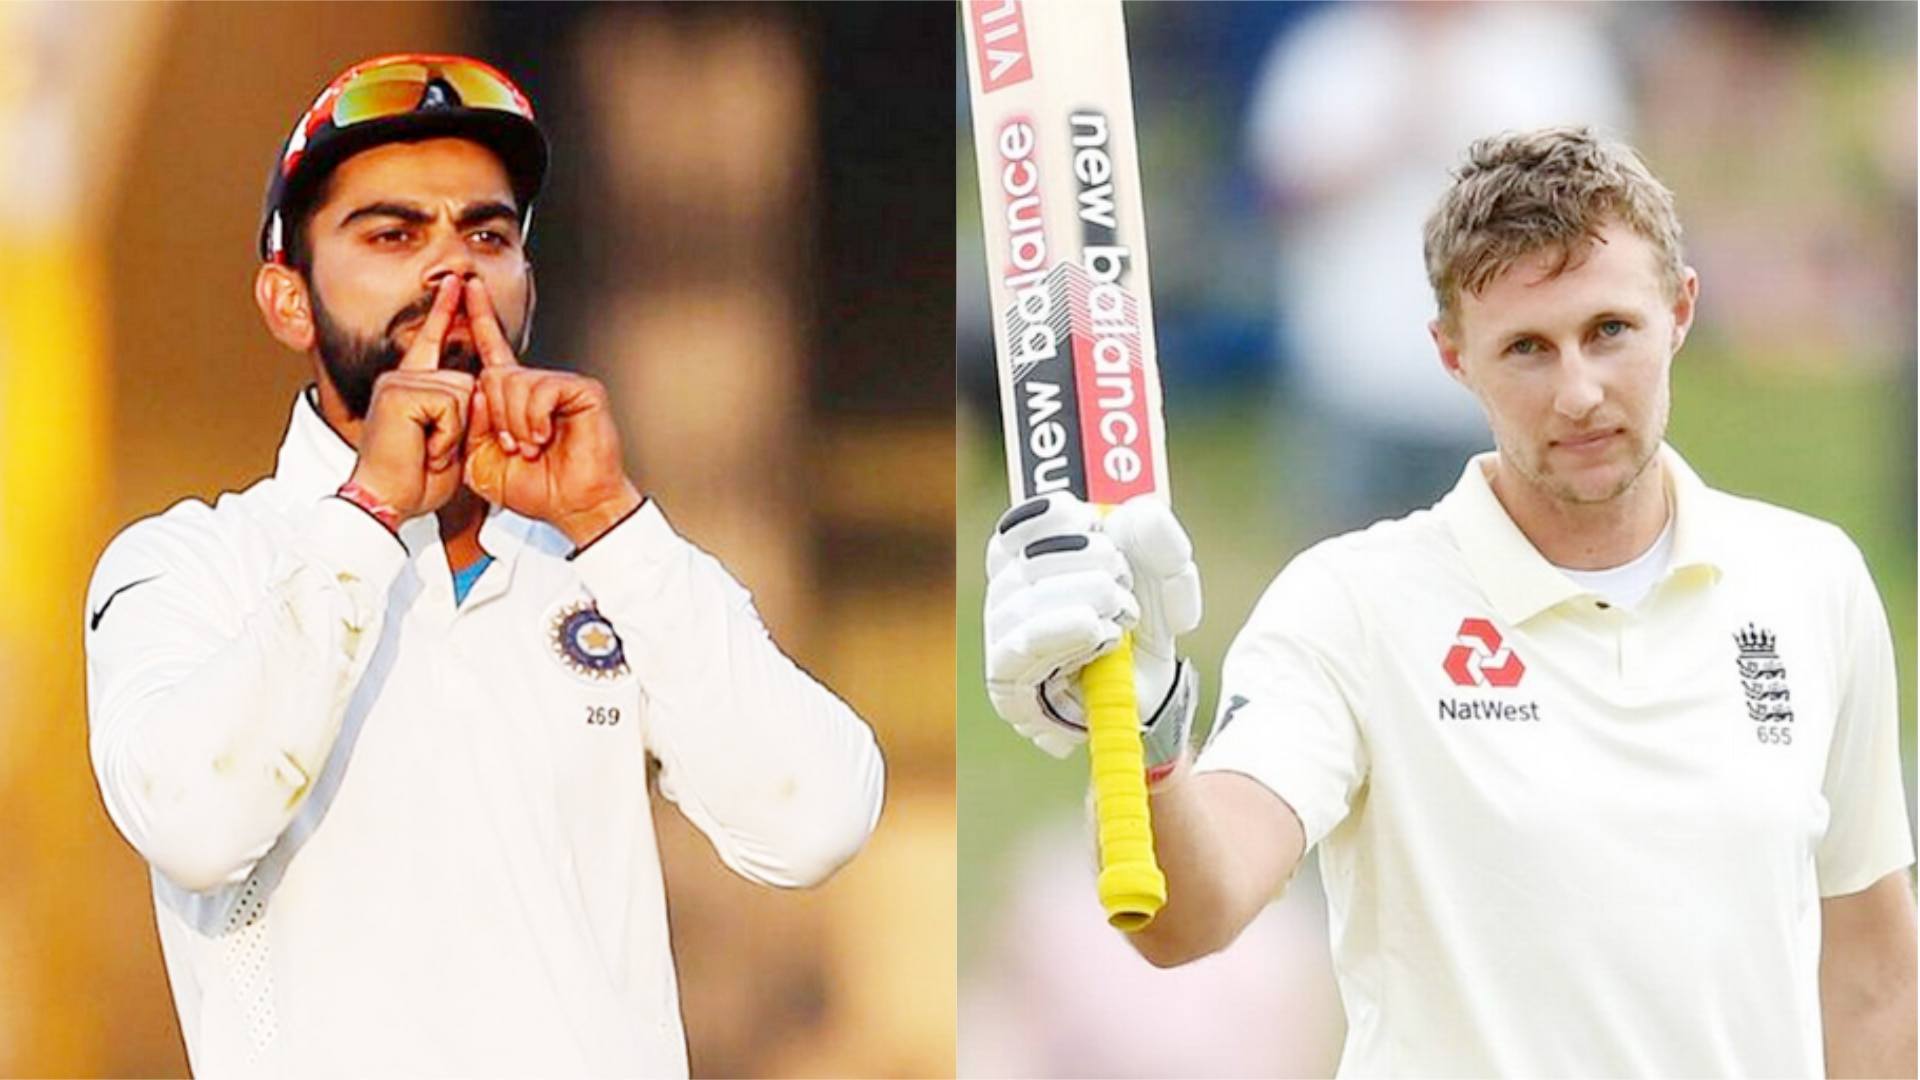 IND vs ENG: इन 5 मौकों पर आपस में भिड़ बैठे भारत-इंग्लैंड के खिलाड़ी, मैदान पर हुए जुबान के हमले